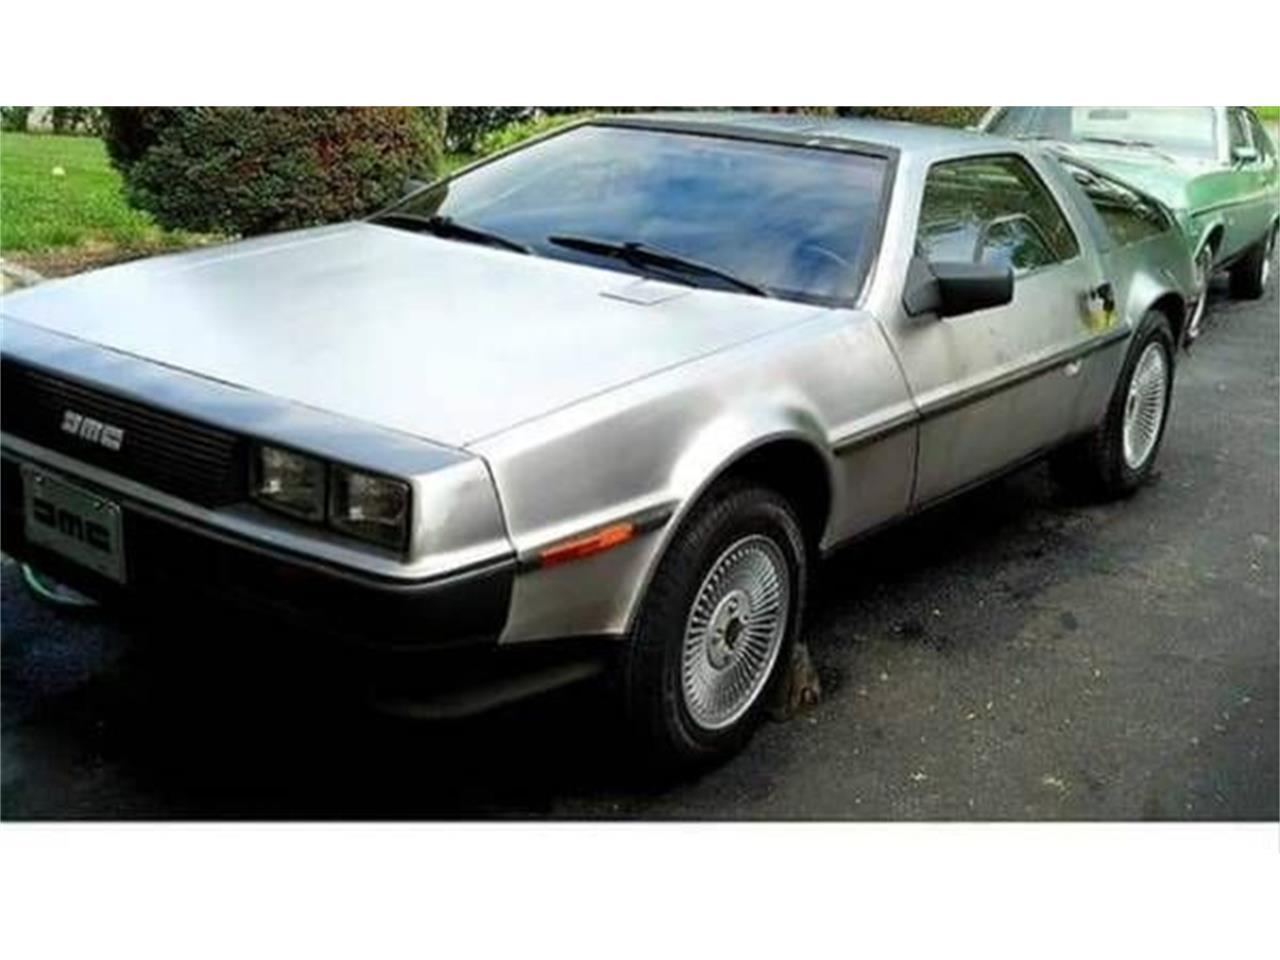 Delorean Car For Sale >> 1981 Delorean Dmc 12 For Sale In Cadillac Mi